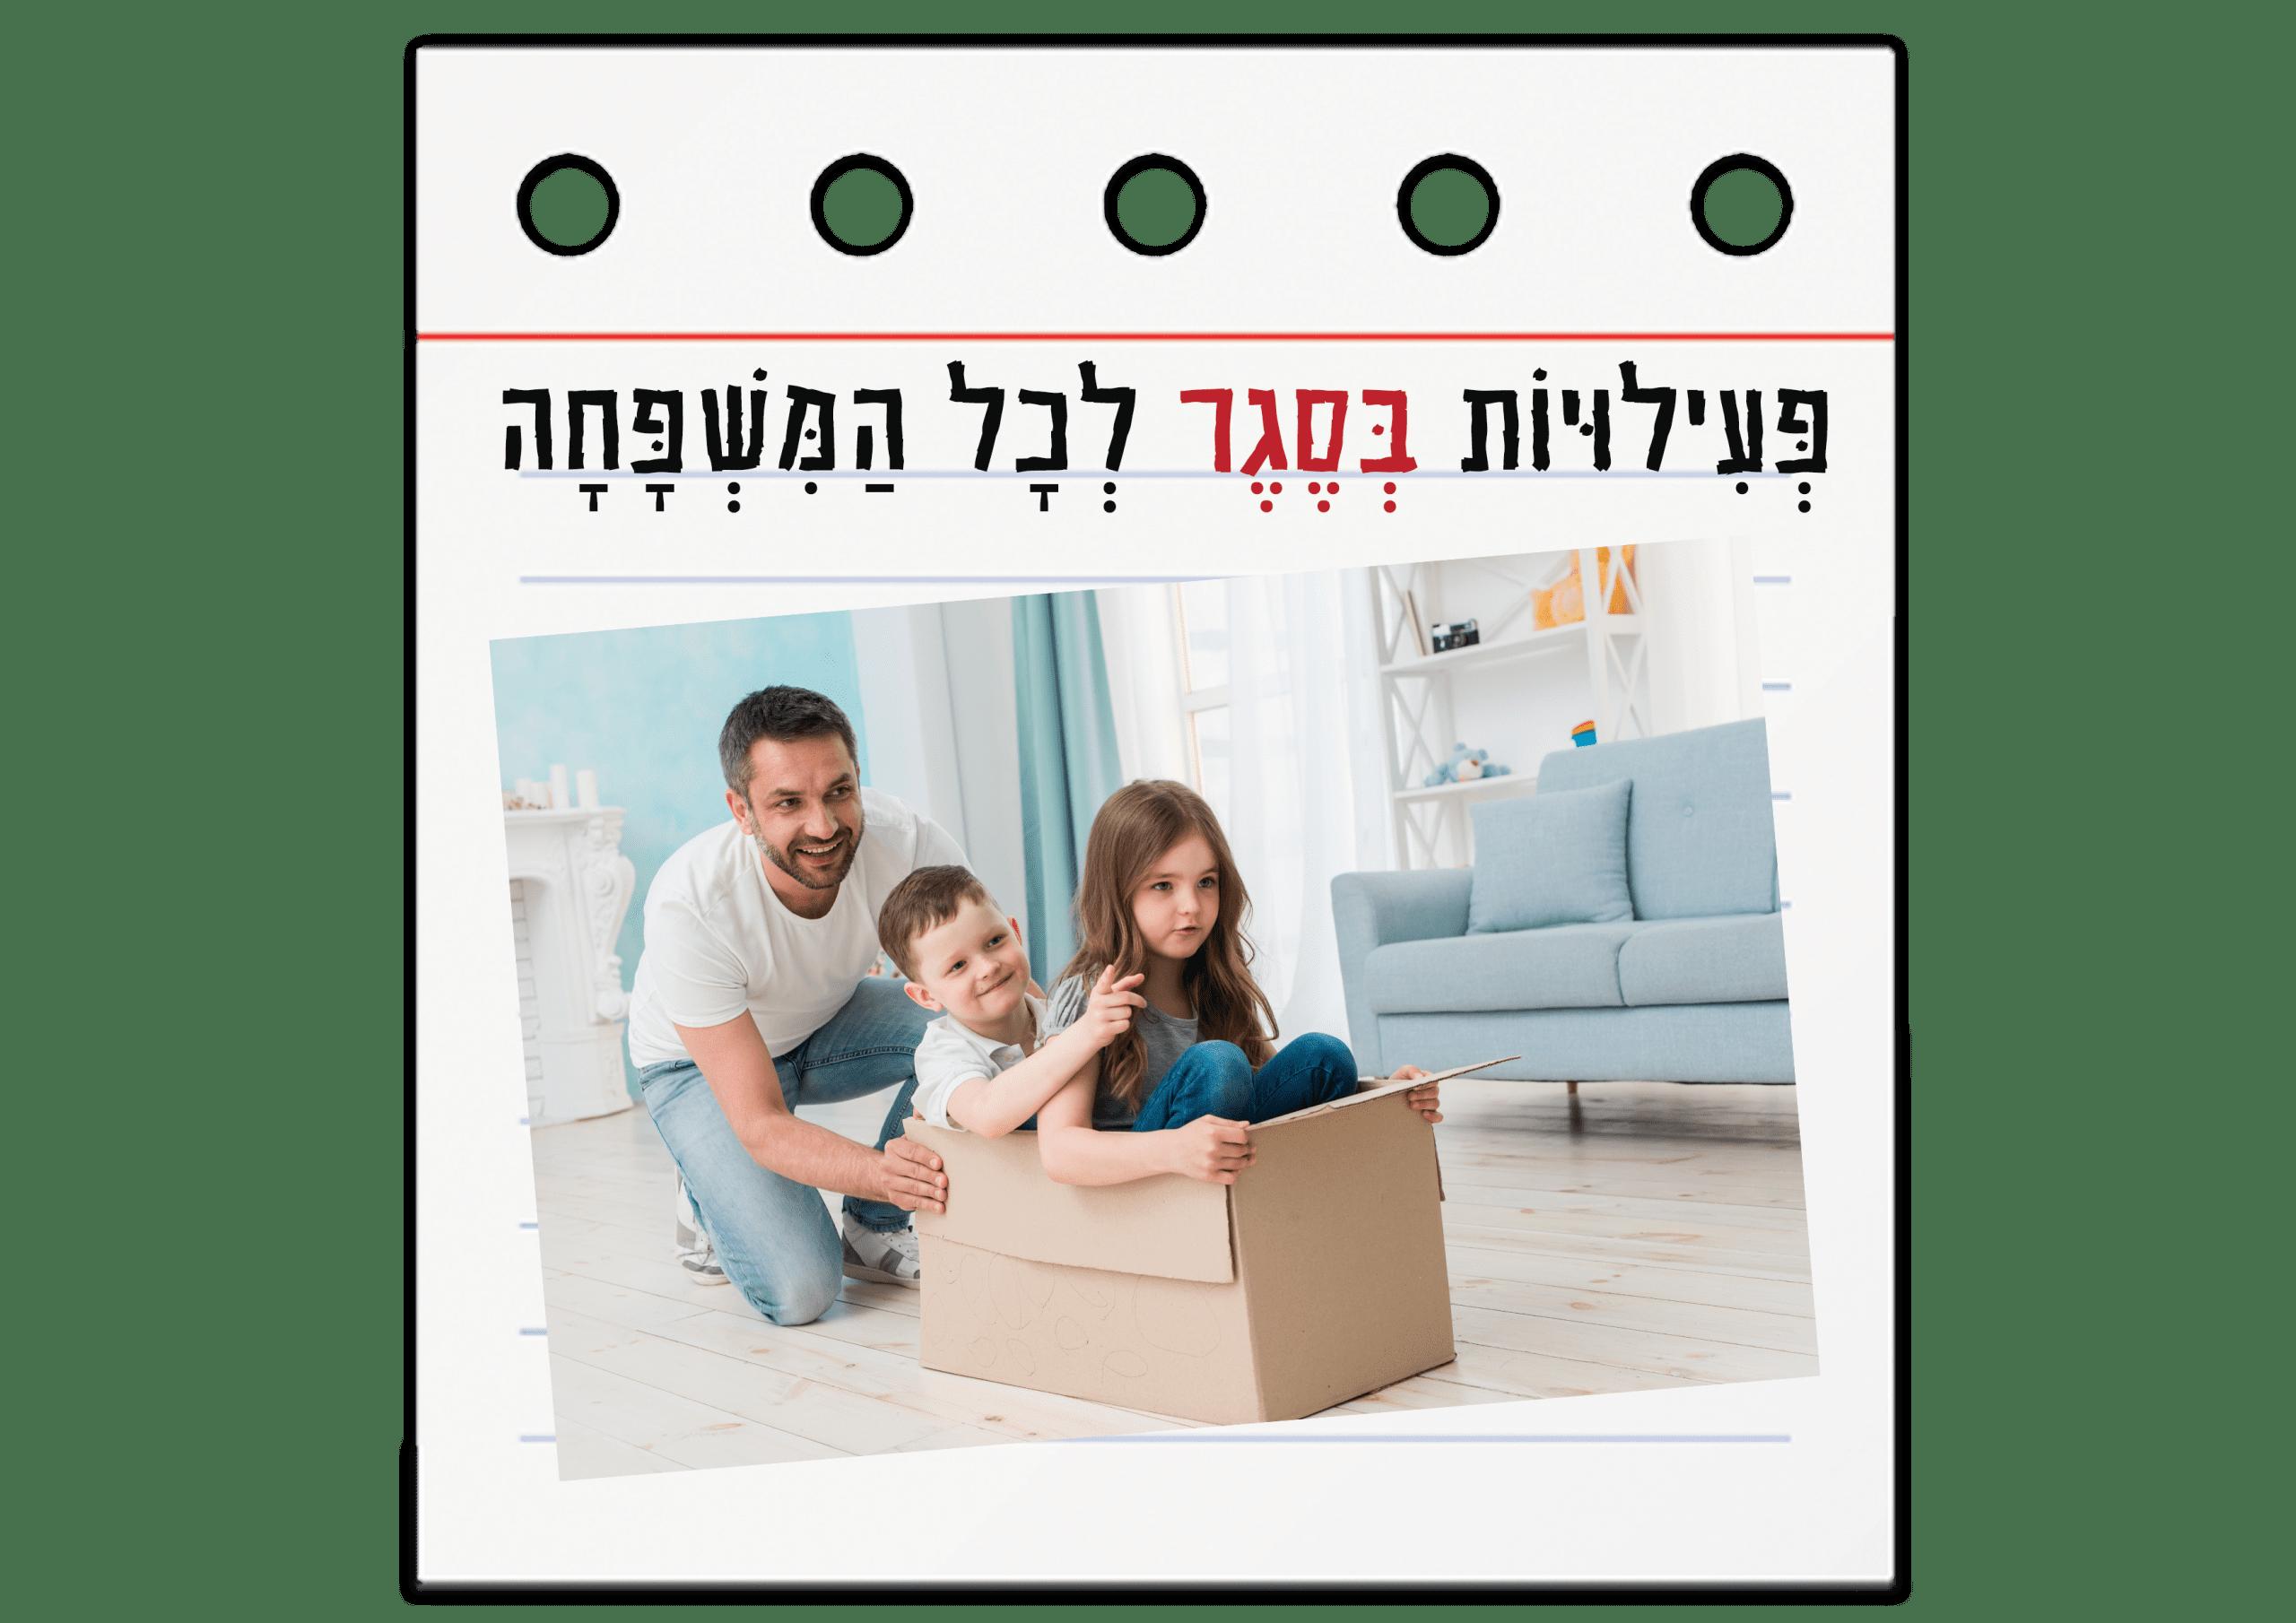 למען הסגר הטוב- פעילות לכל המשפחה